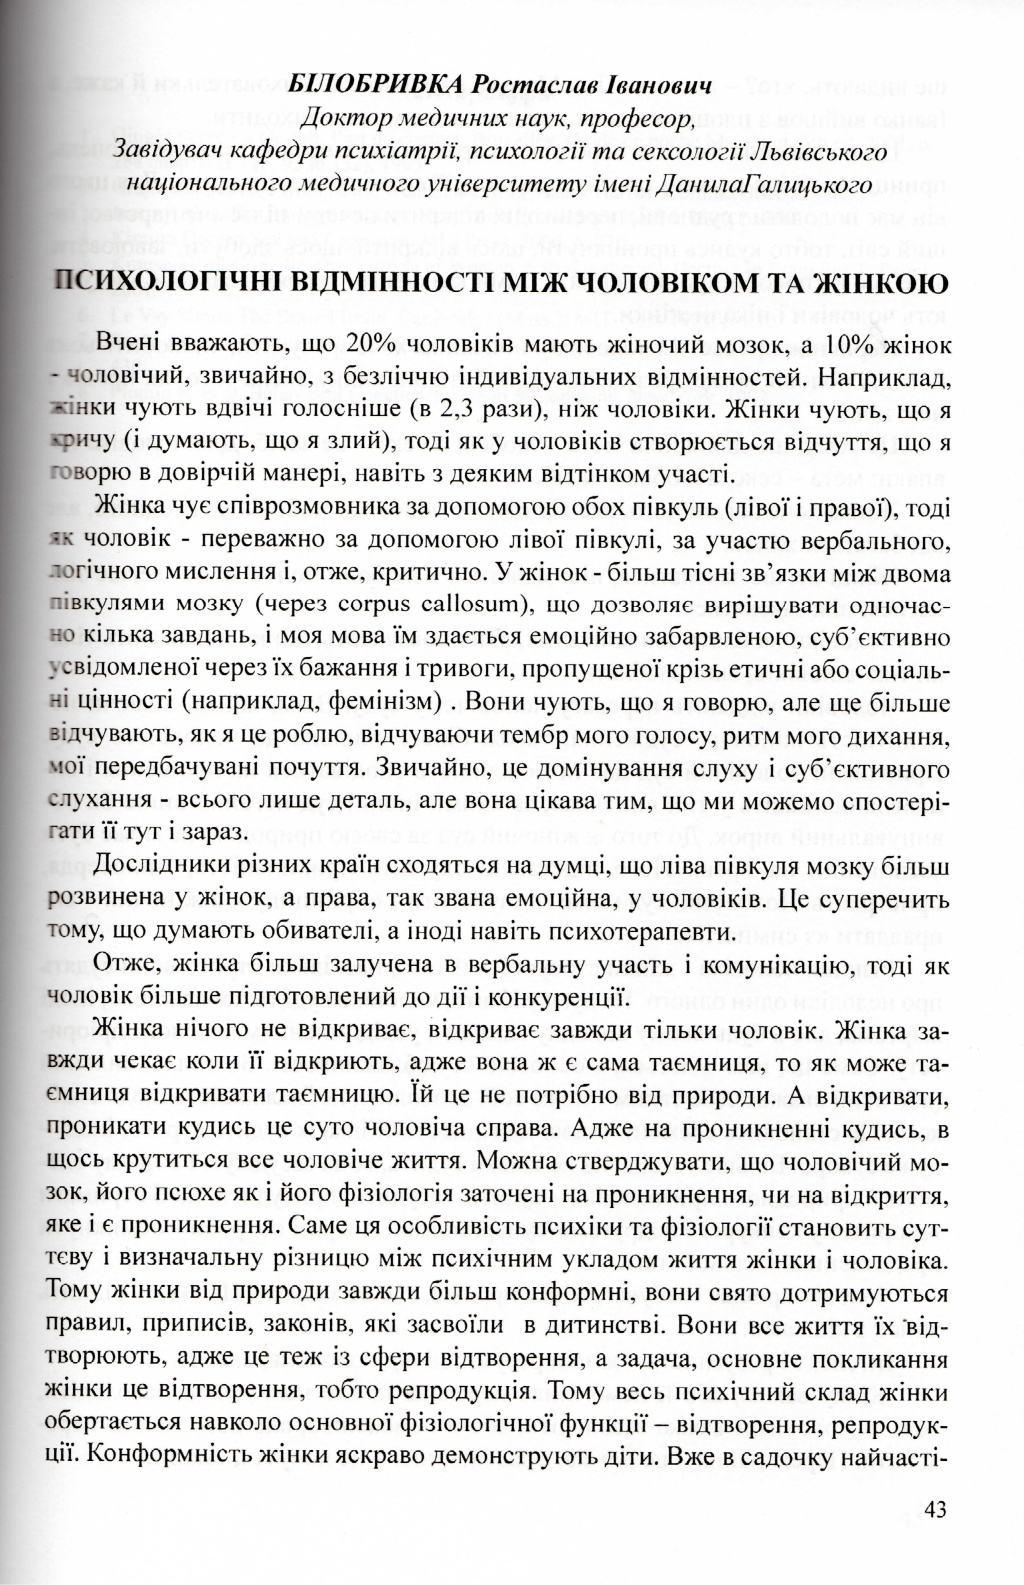 *** 3 Професор Ростислав Білобривка - психічний склад та основна функція жінки – відтворення ***